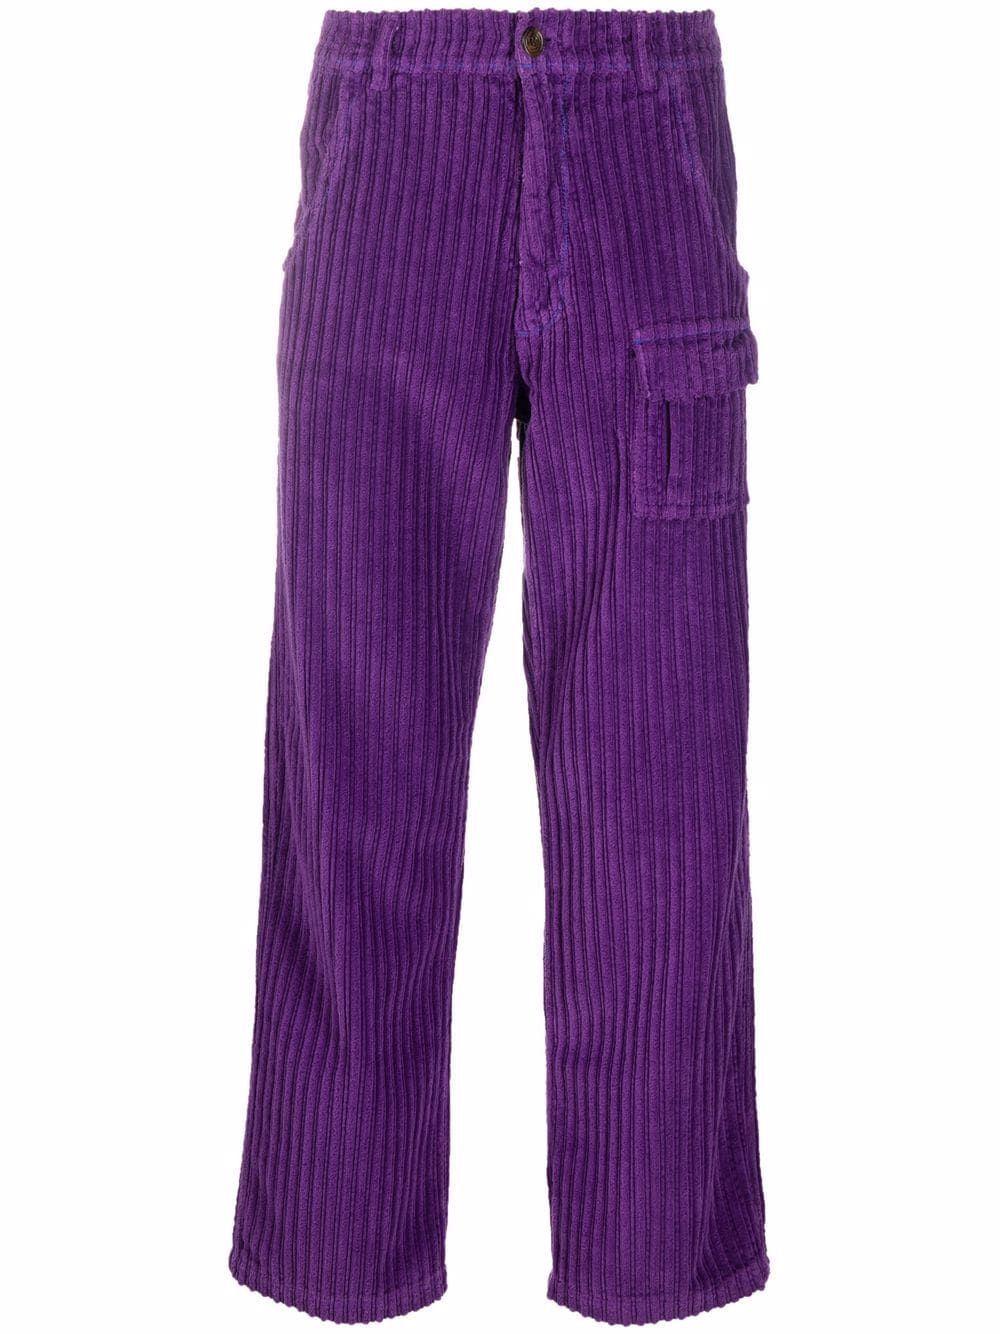 Erl pantaloni viola